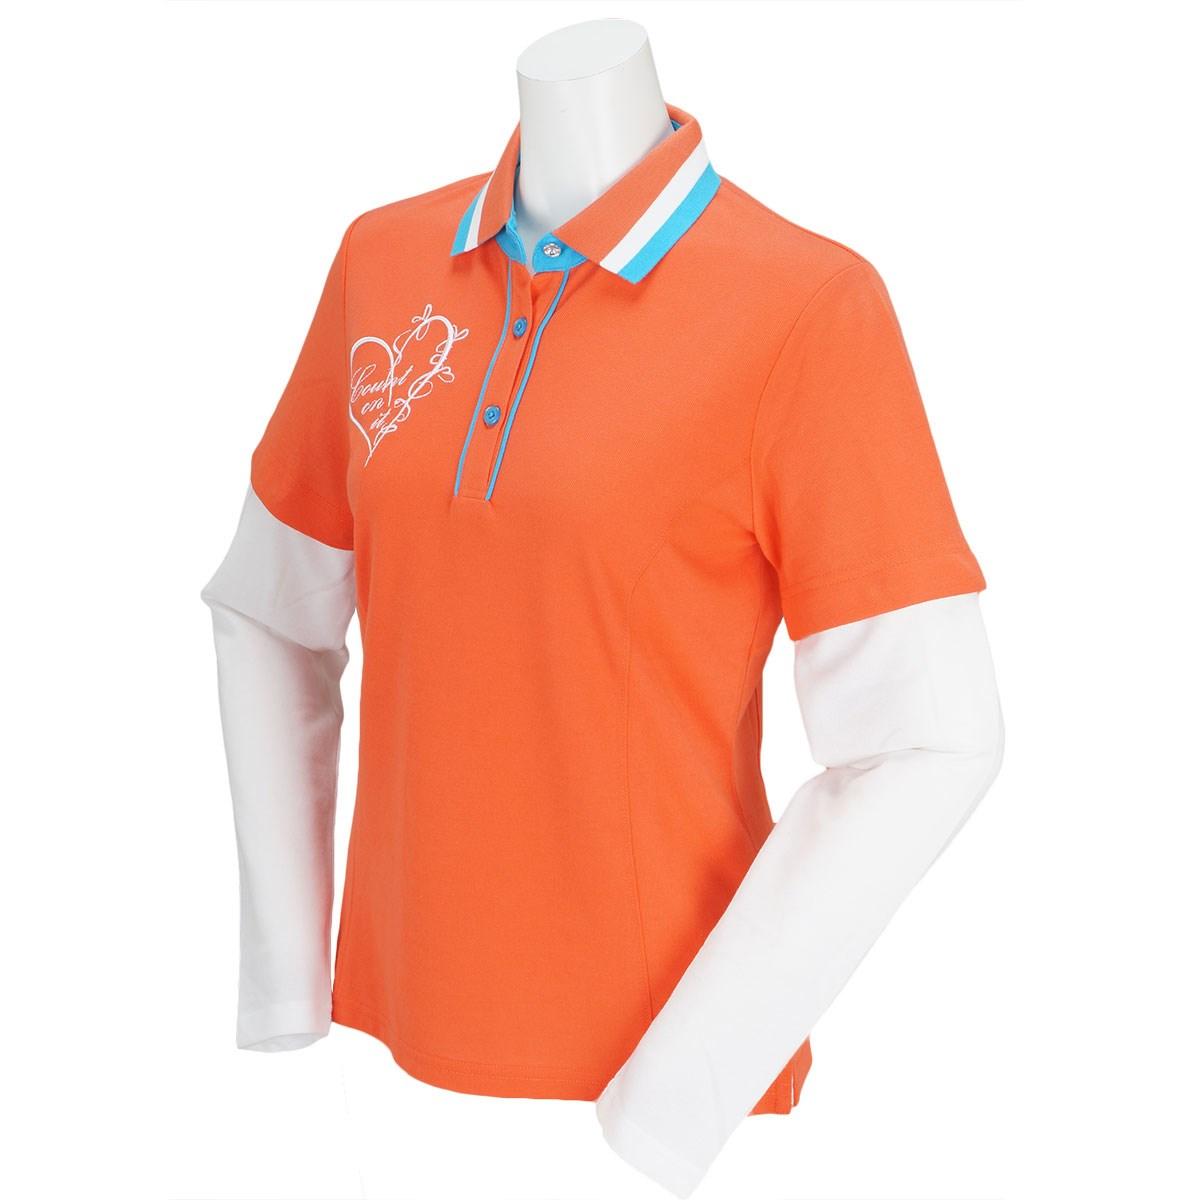 アバカス ABACUS 長袖ポロシャツ S オレンジ レディス